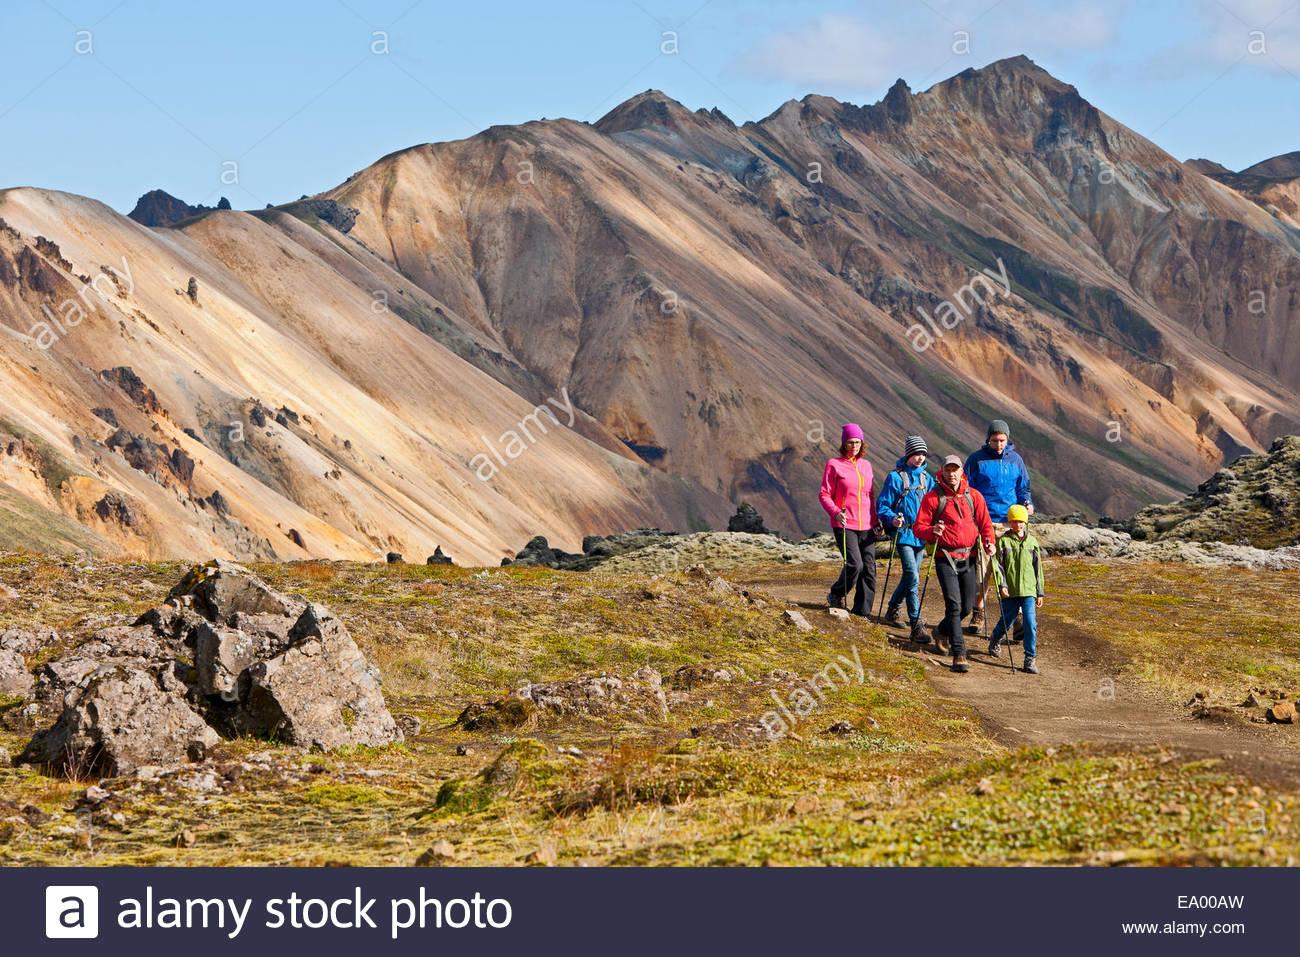 Family hiking at Landmannalaugar, Fjallabak, Iceland - Stock Image